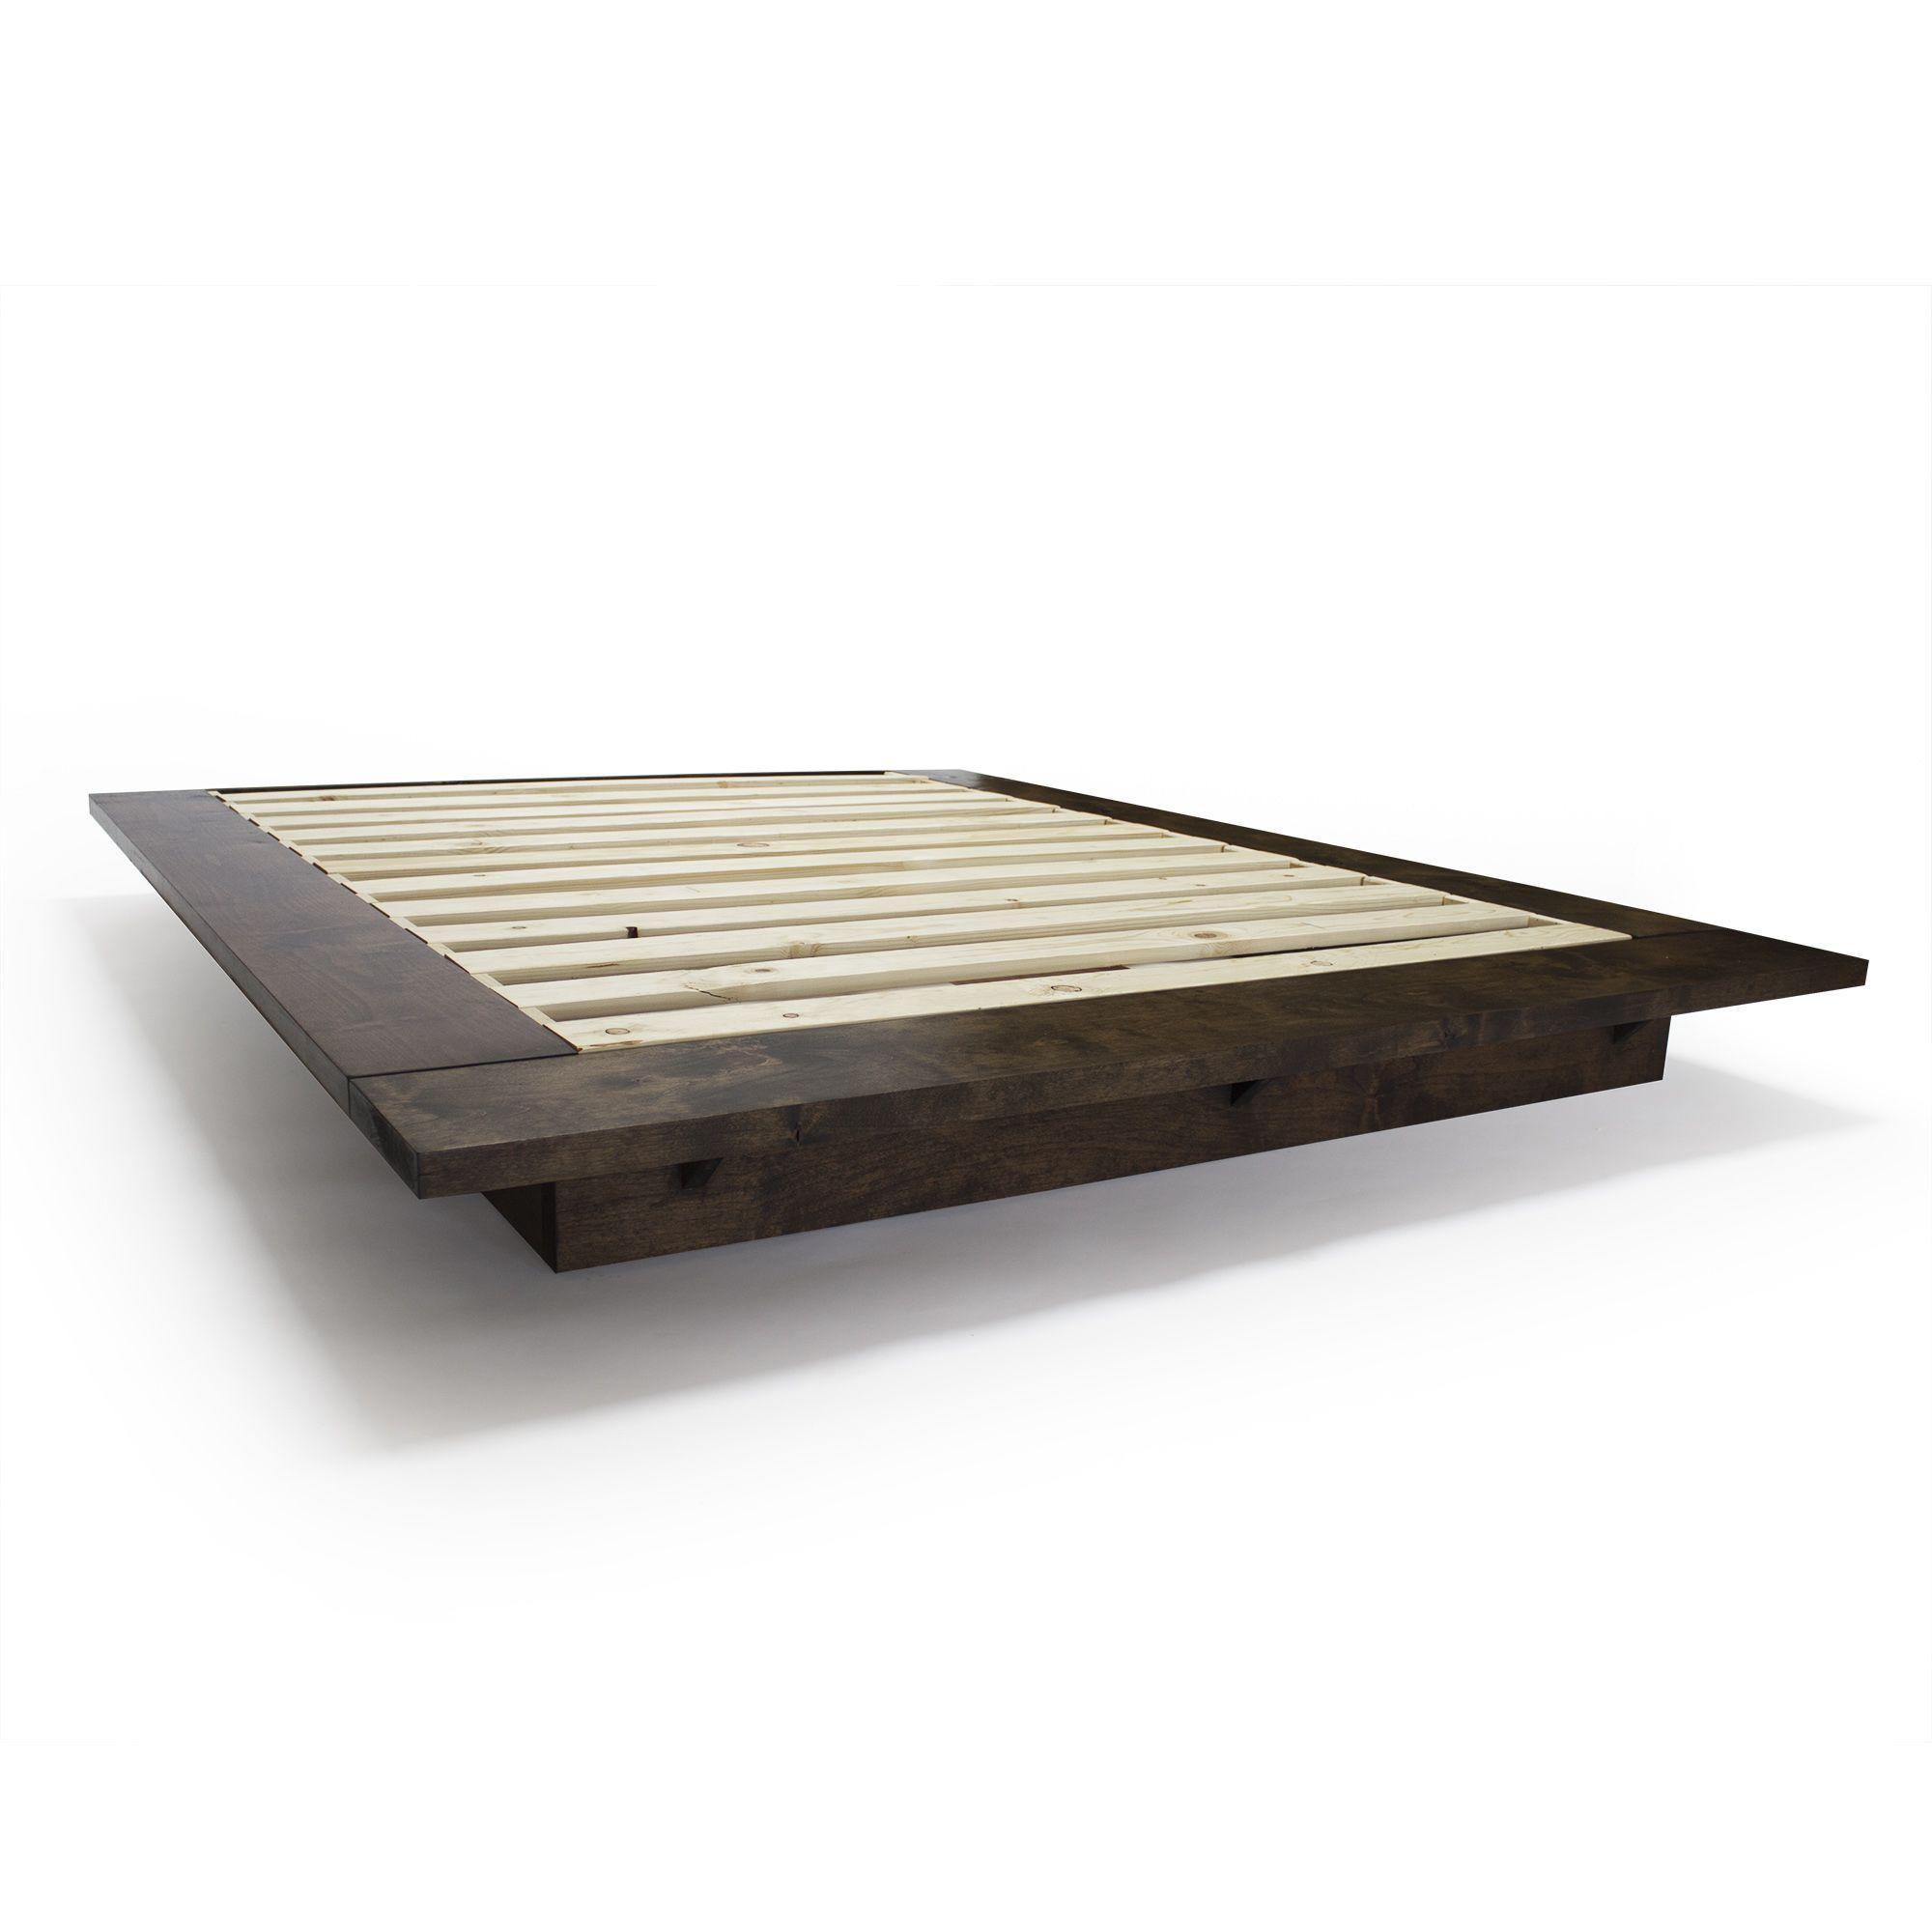 Buy A Handmade Modern Floating Platform Bed Frame Made To